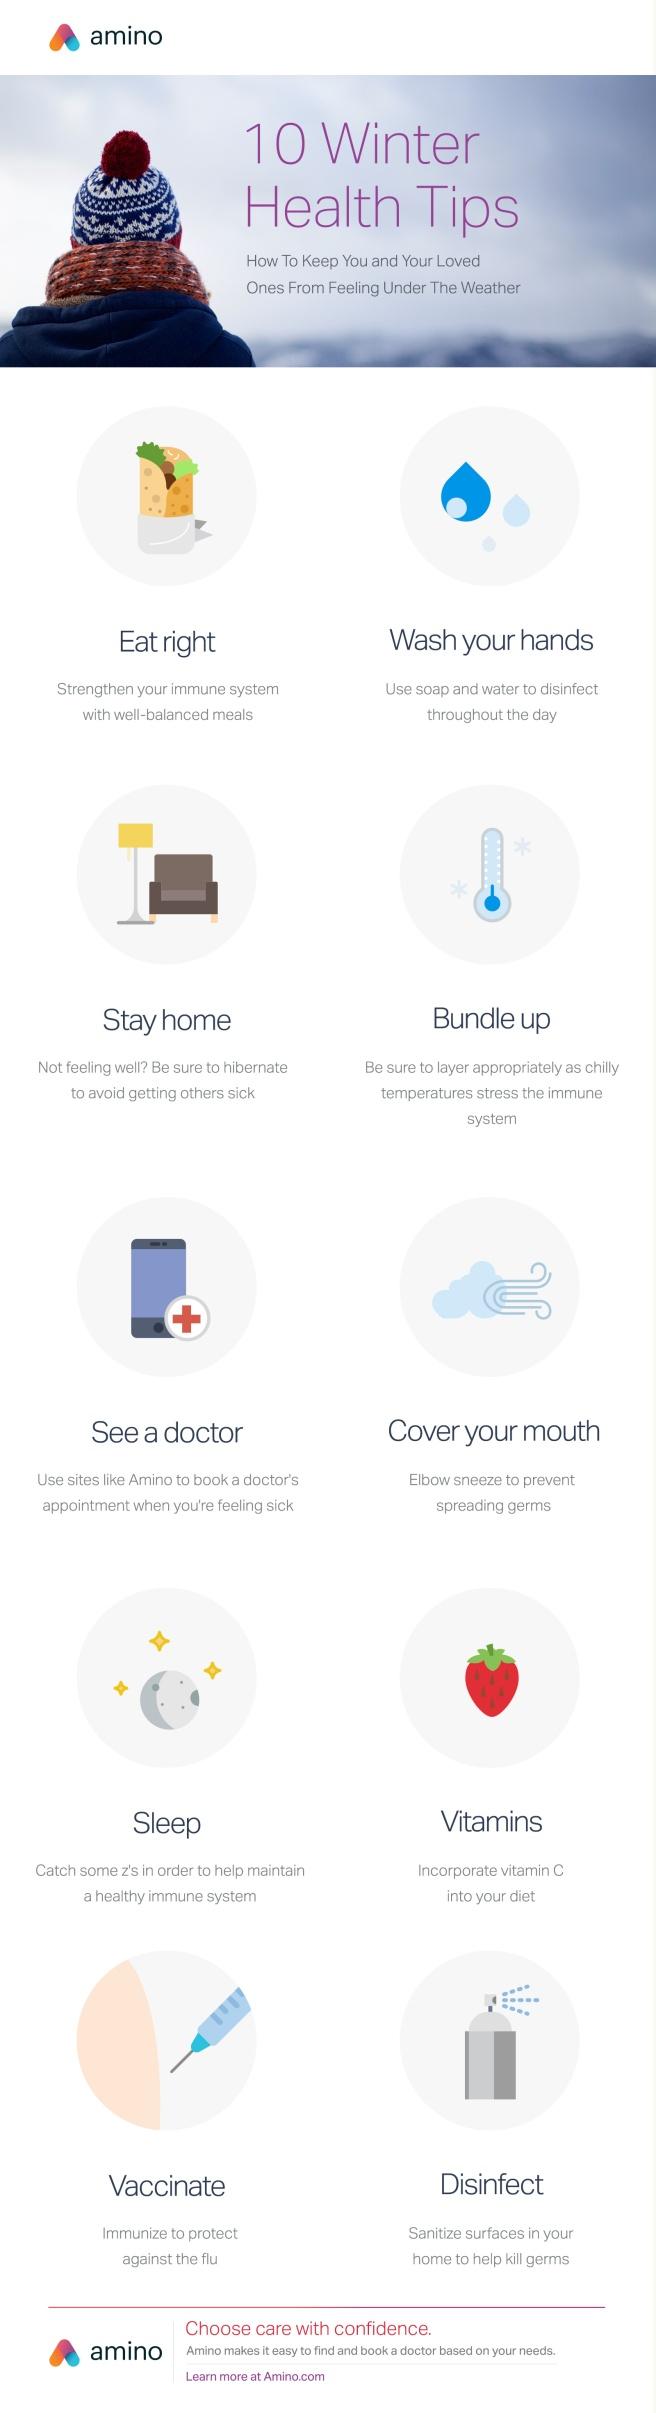 Amino Winter Health Tips